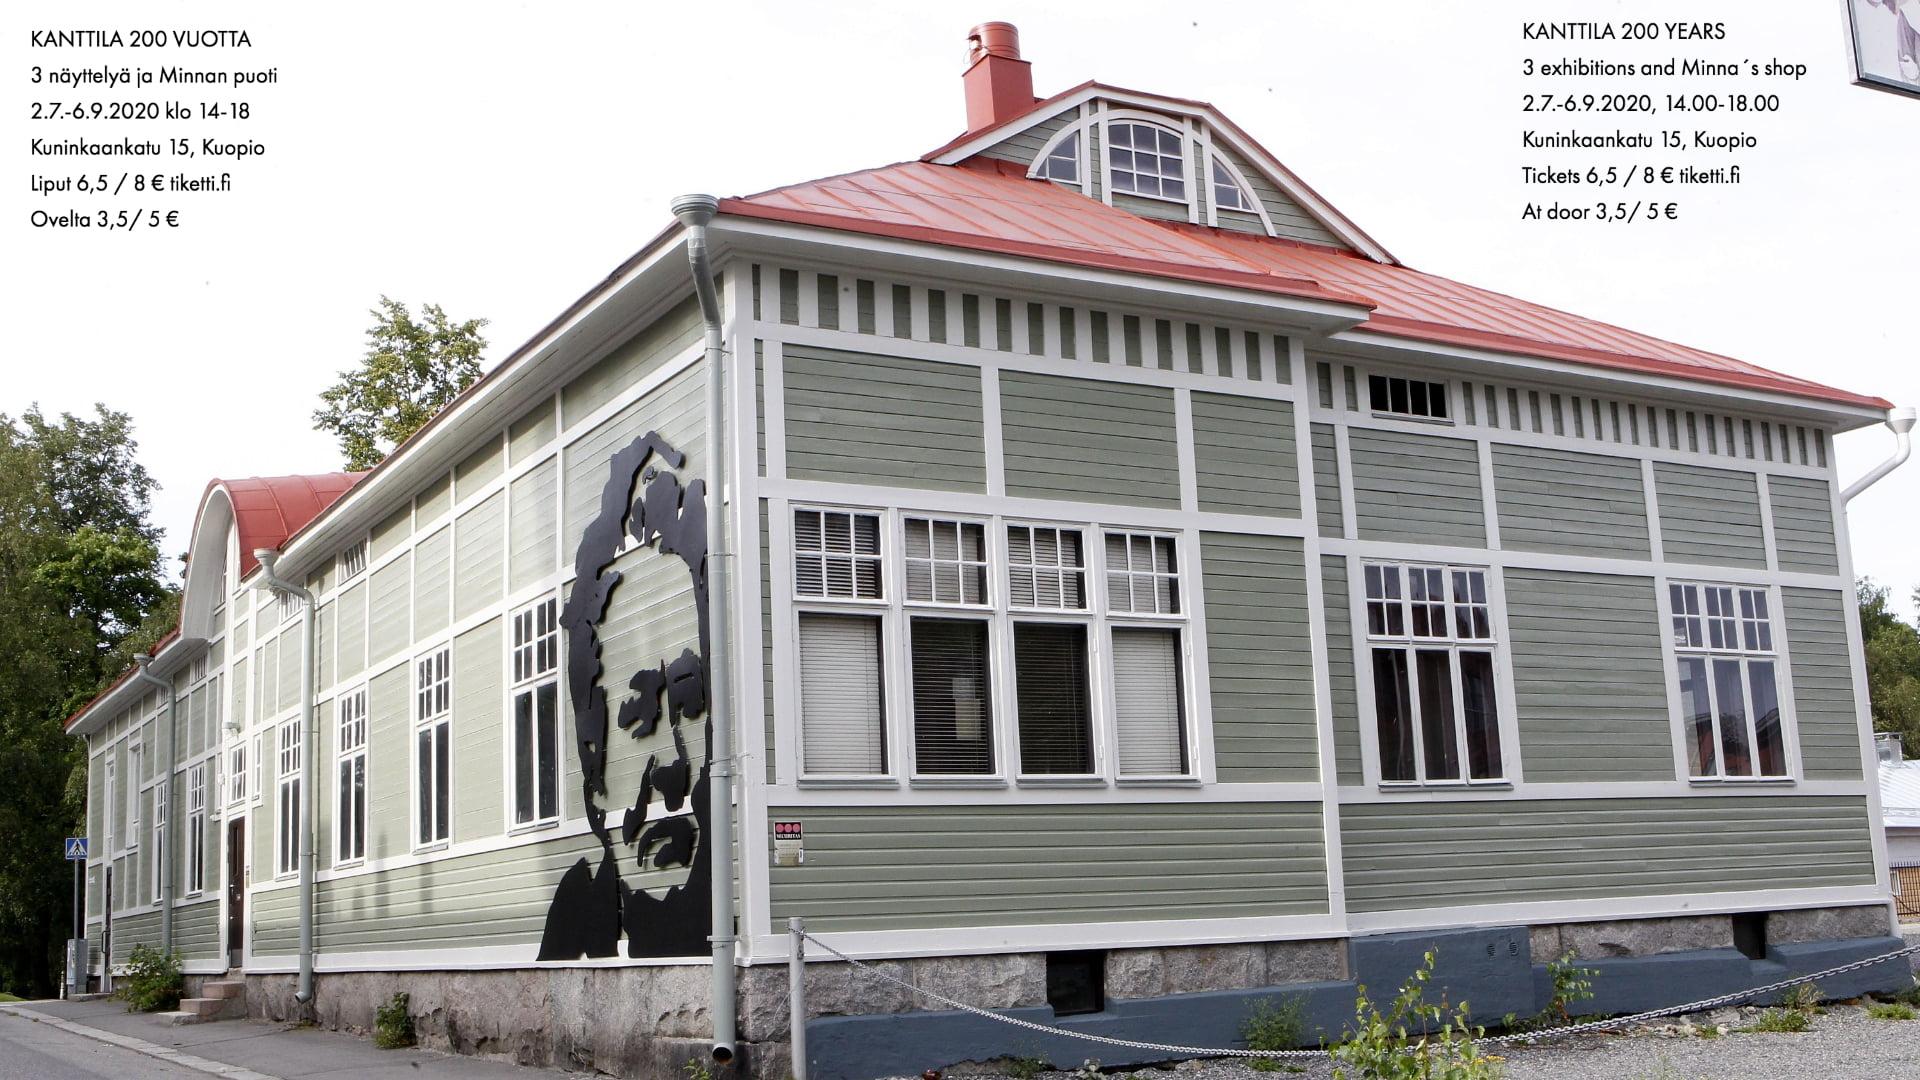 Kanttila 200 -vuotta näyttely Kuopiossa